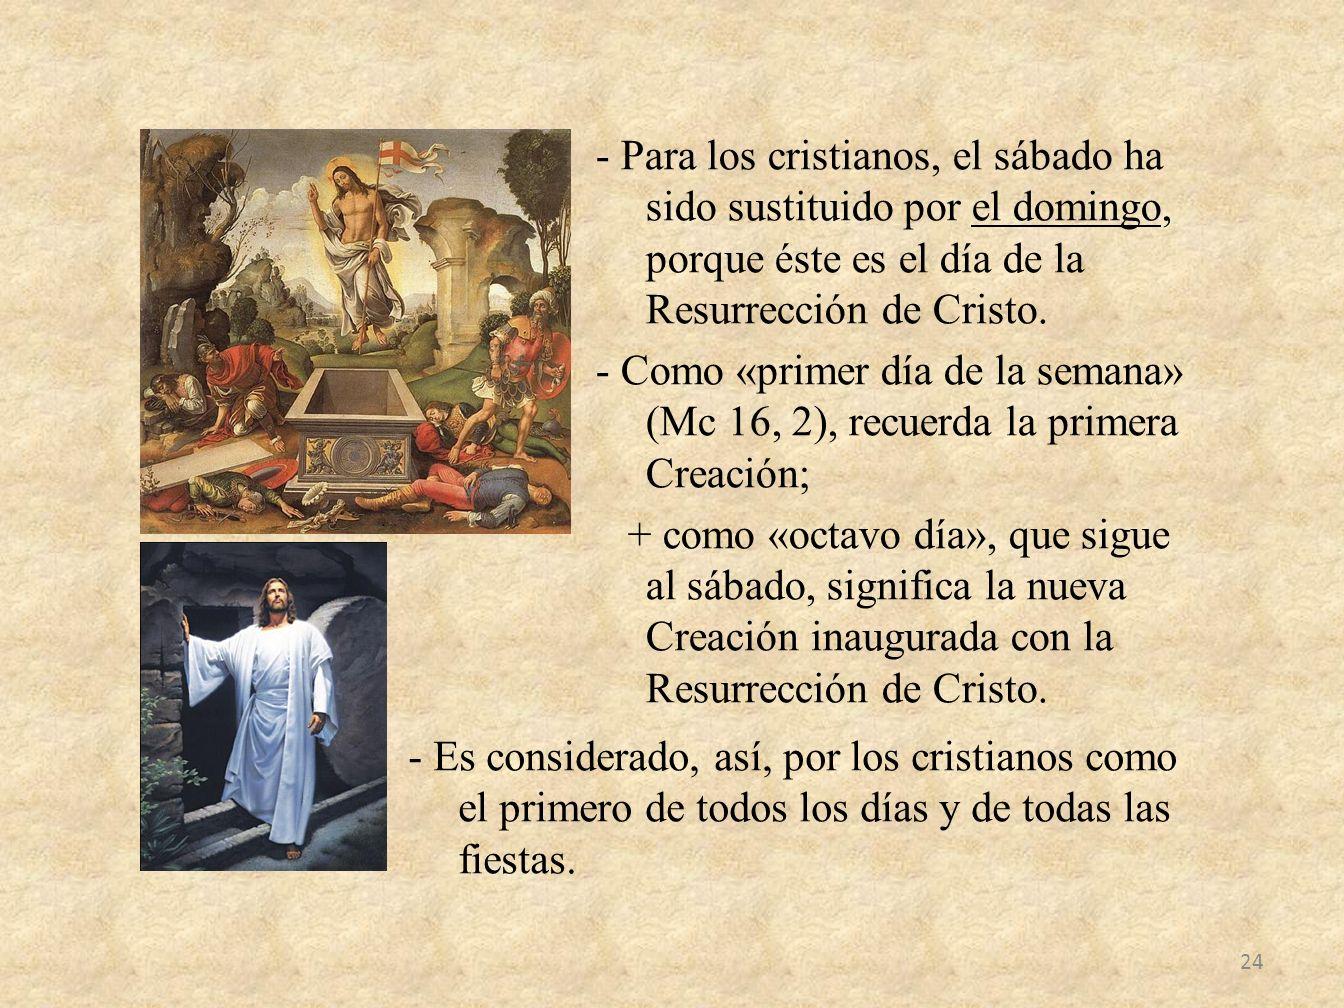 - Para los cristianos, el sábado ha sido sustituido por el domingo, porque éste es el día de la Resurrección de Cristo. - Como «primer día de la seman